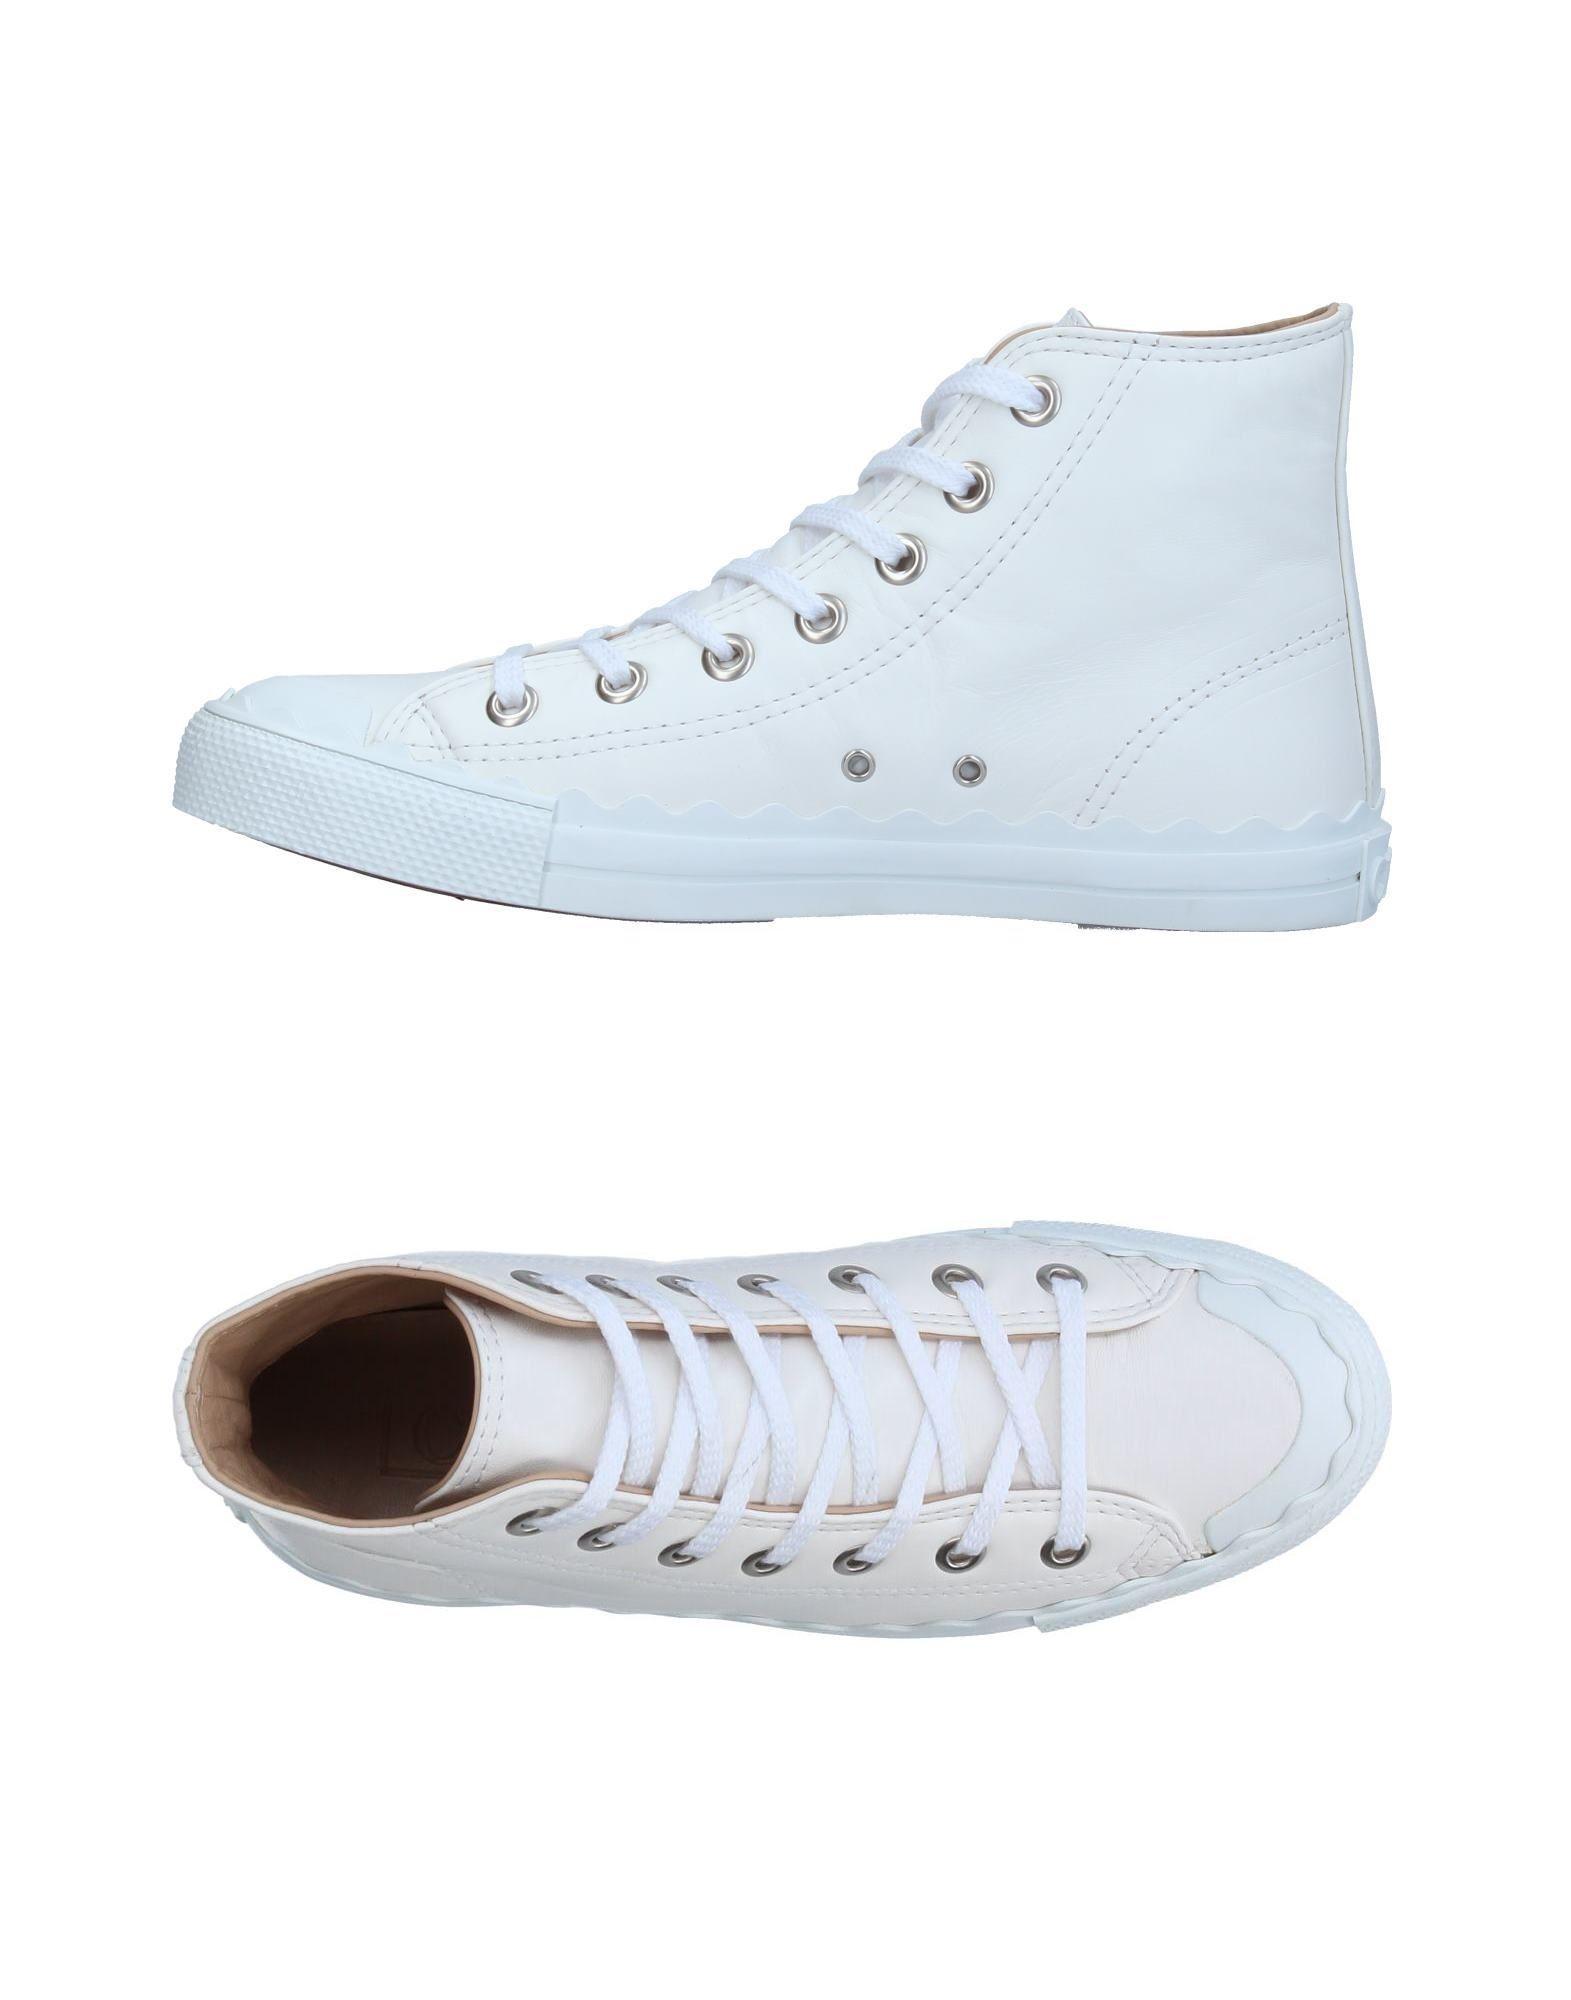 CHLOÉ Высокие кеды и кроссовки pierre hardy высокие кеды и кроссовки